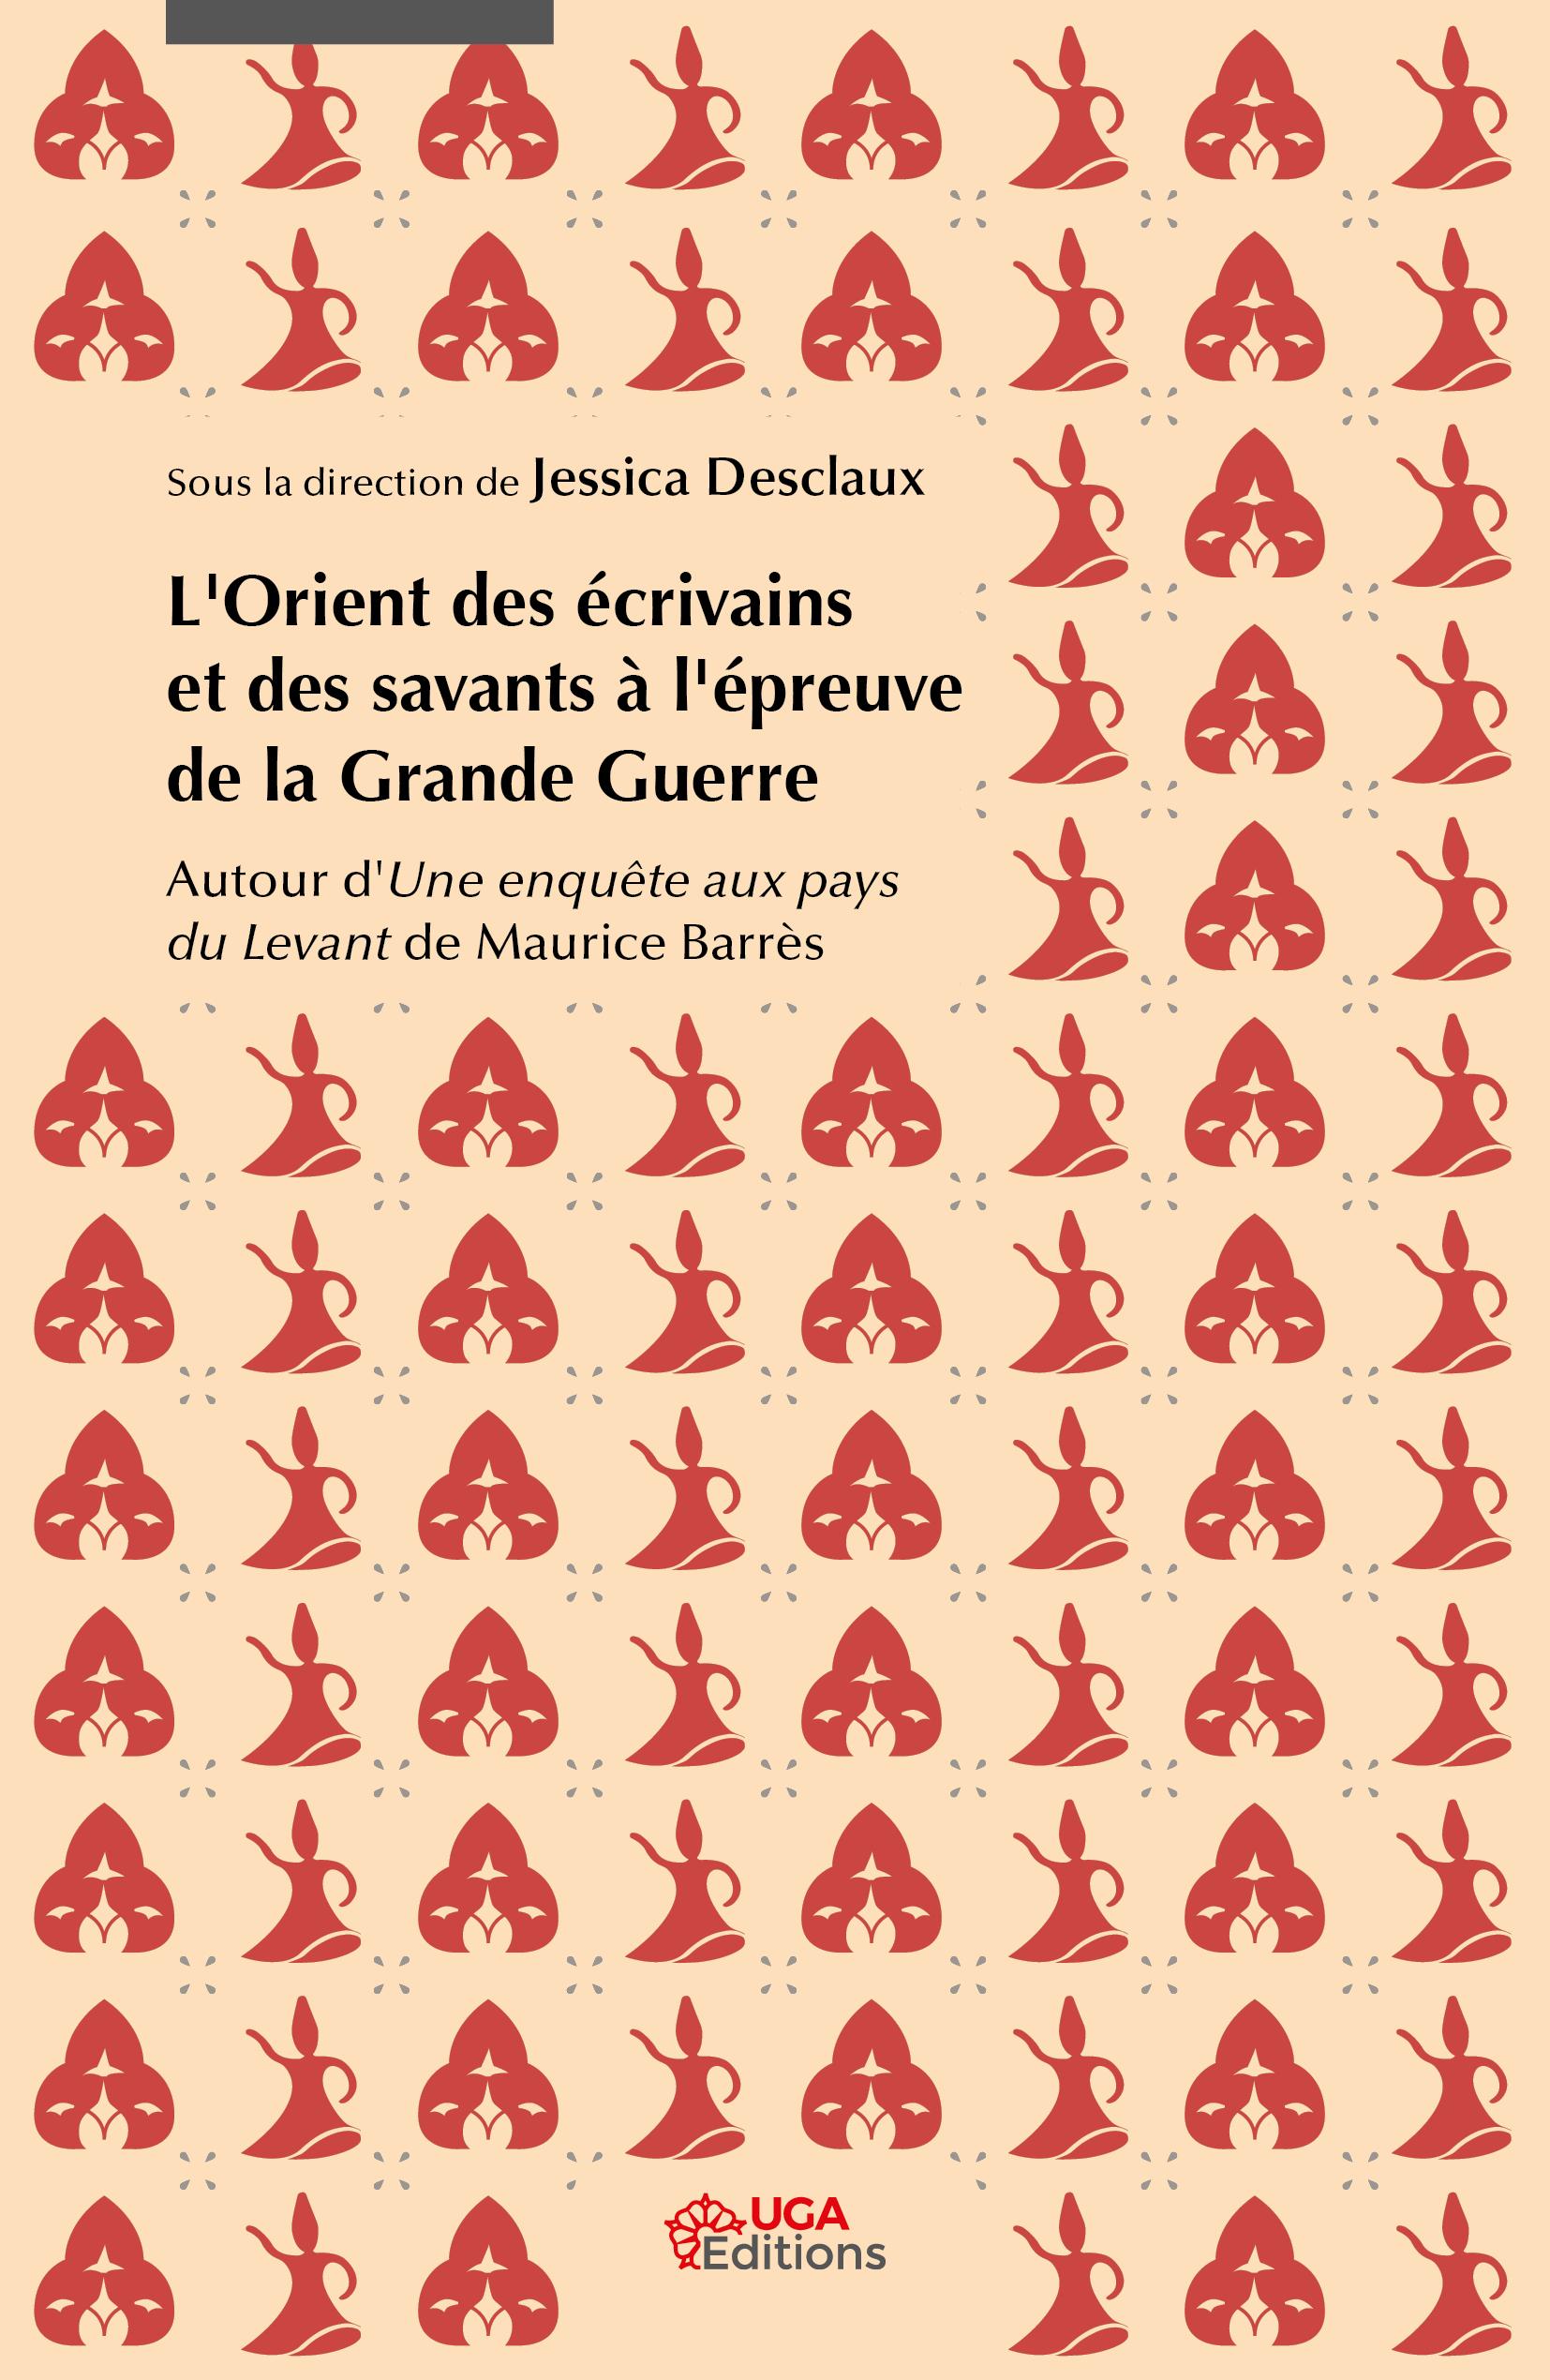 J. Desclaux (dir.), L'Orient des écrivains et des savants à l'épreuve de la Grande Guerre. Autour d'Une enquête aux pays du Levant